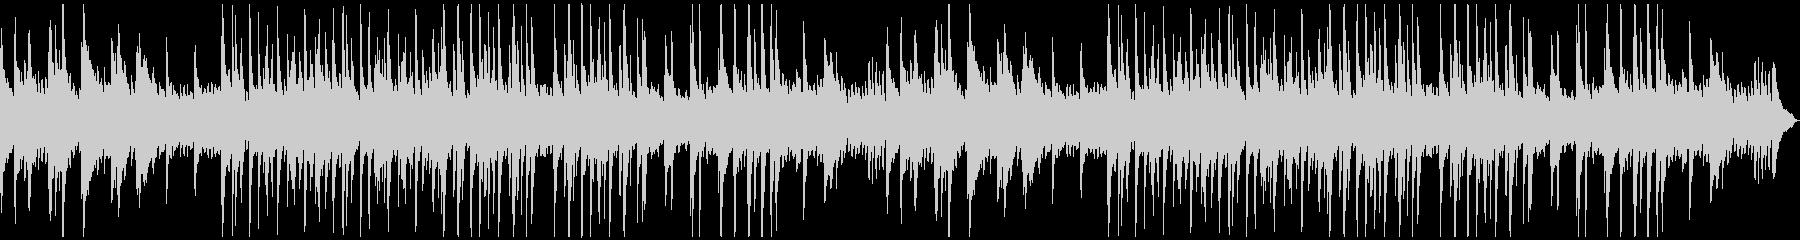 ゆったり落ち着いたムードのソロ・ピアノ曲の未再生の波形